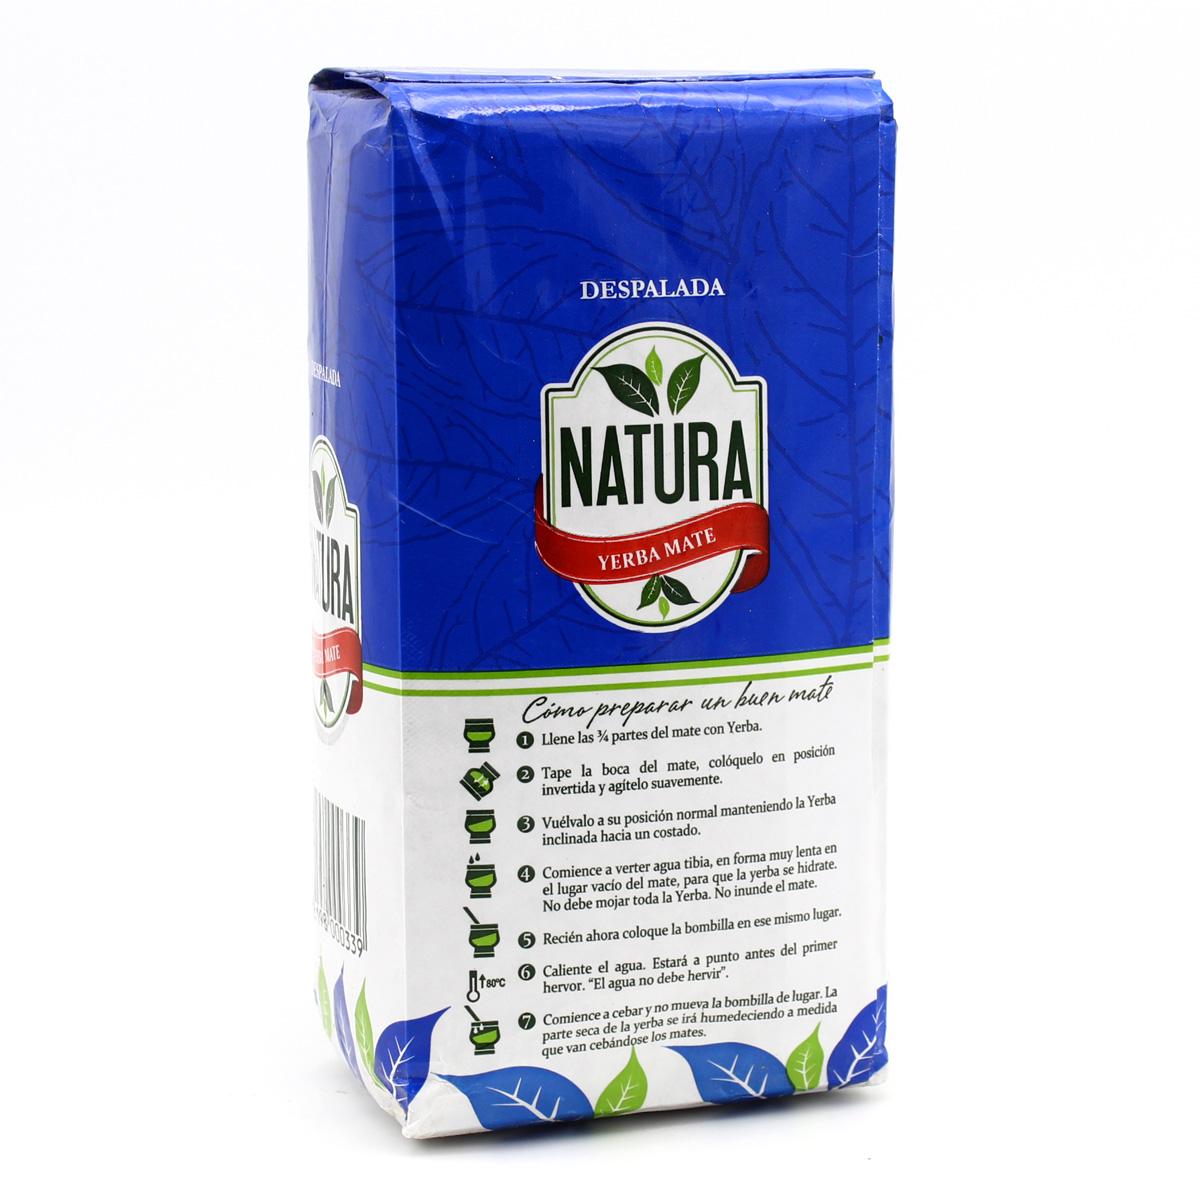 Мате Natura Despalada (очищенный от веточек и стеблей)